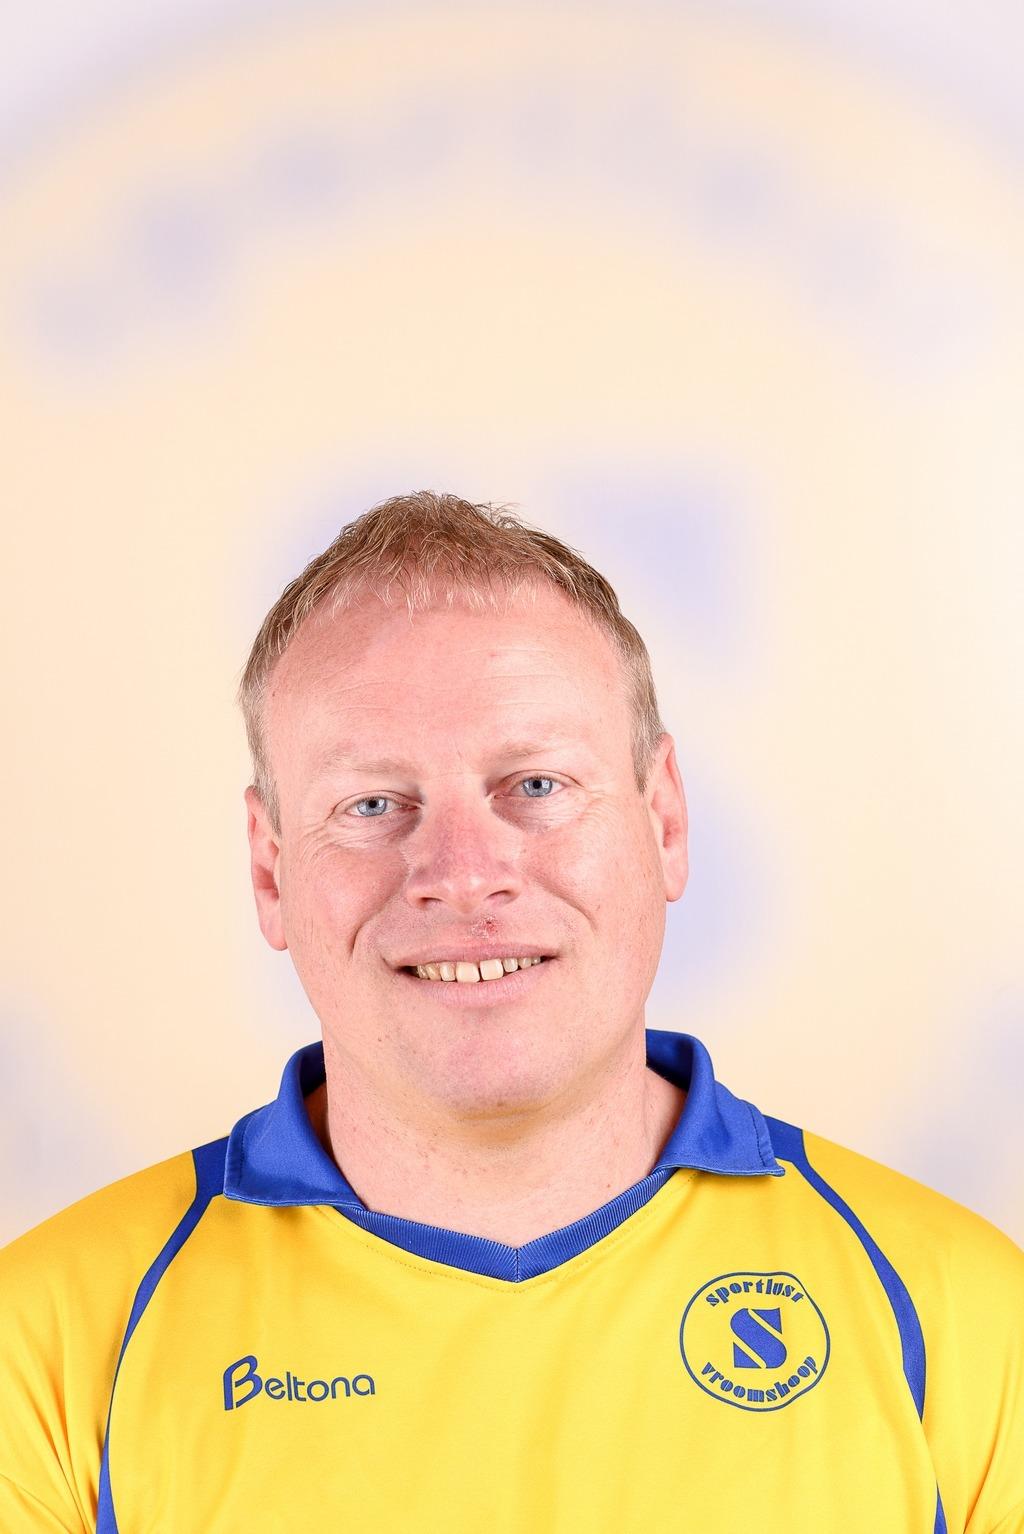 Clemens Hannink